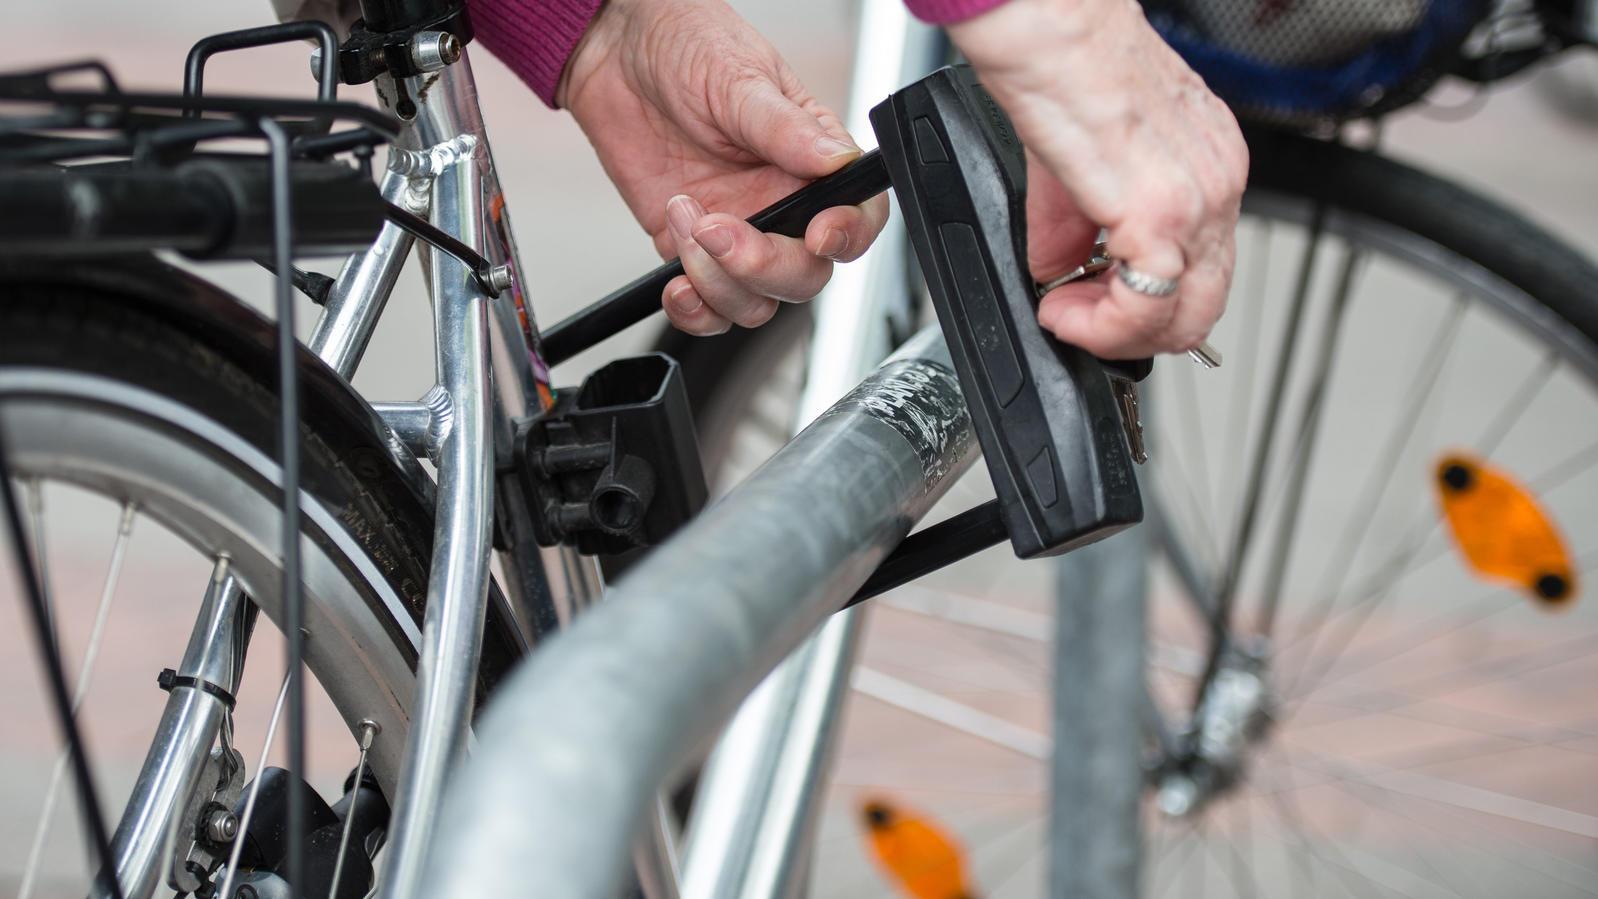 Deror Helmschloss Fahrradkabelschloss Tragbares Motorrad Fahrrad Helmkennwortschloss Anti-Diebstahl-Fahrradversorgung